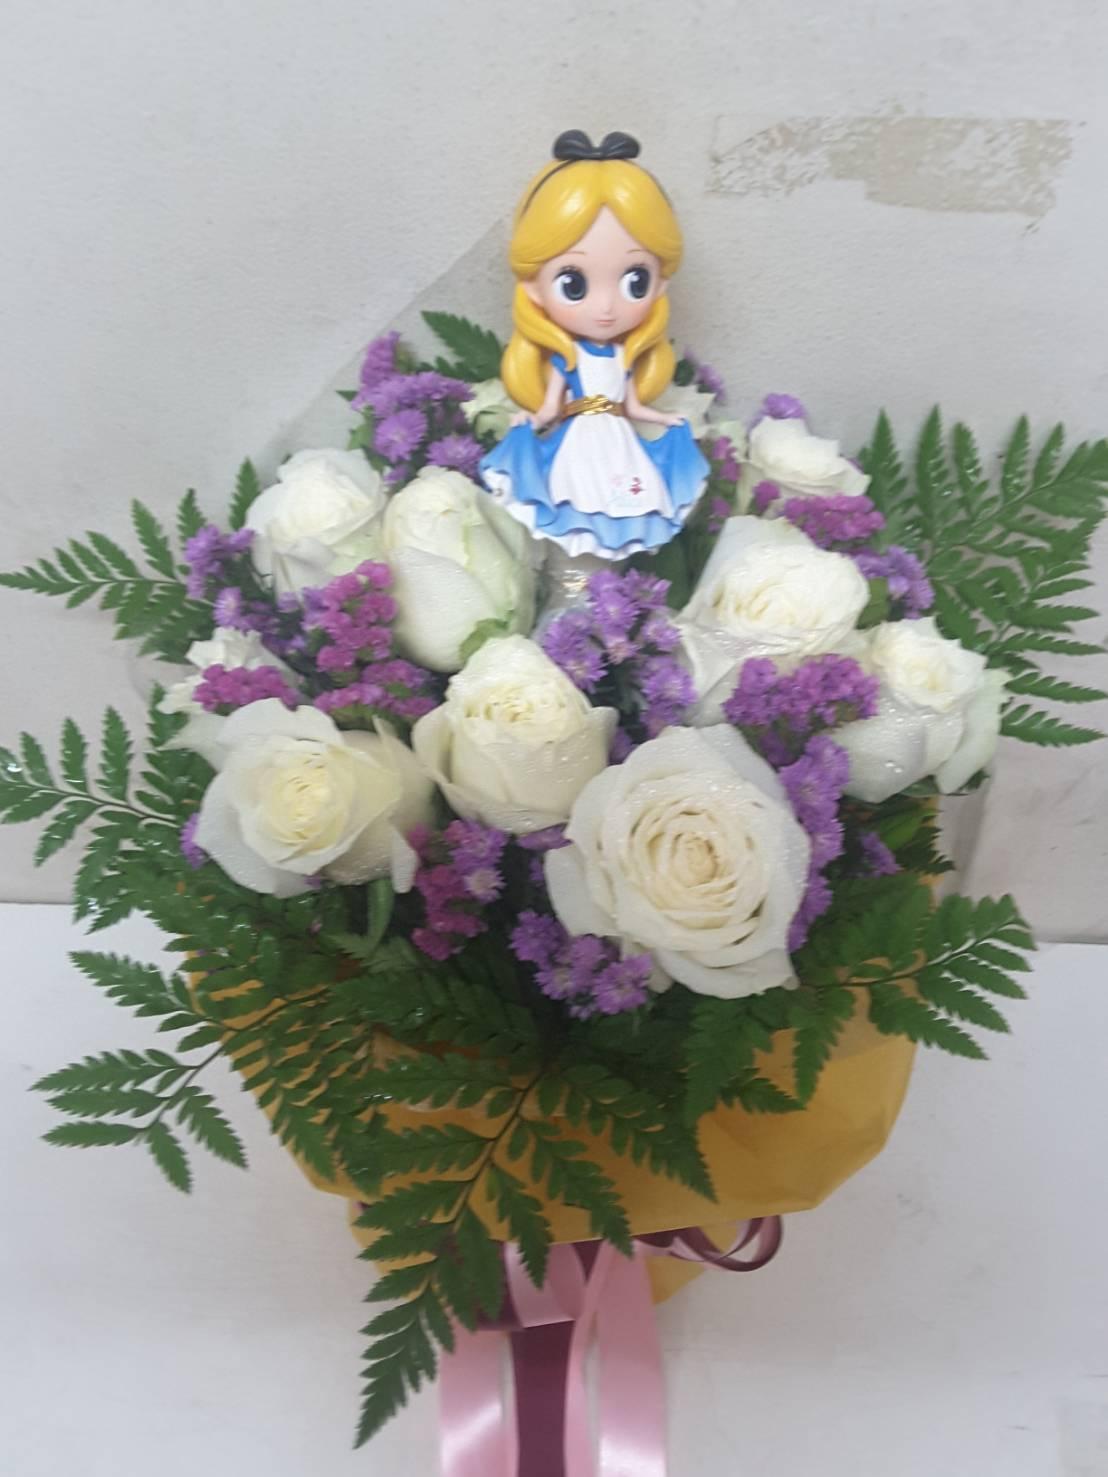 ช่อดอกกุหลาบขาวล้วนแซมด้วยดอกยิปโซ ประดับด้วยตุ๊กตาการ์ตูนอย่างน่ารัก